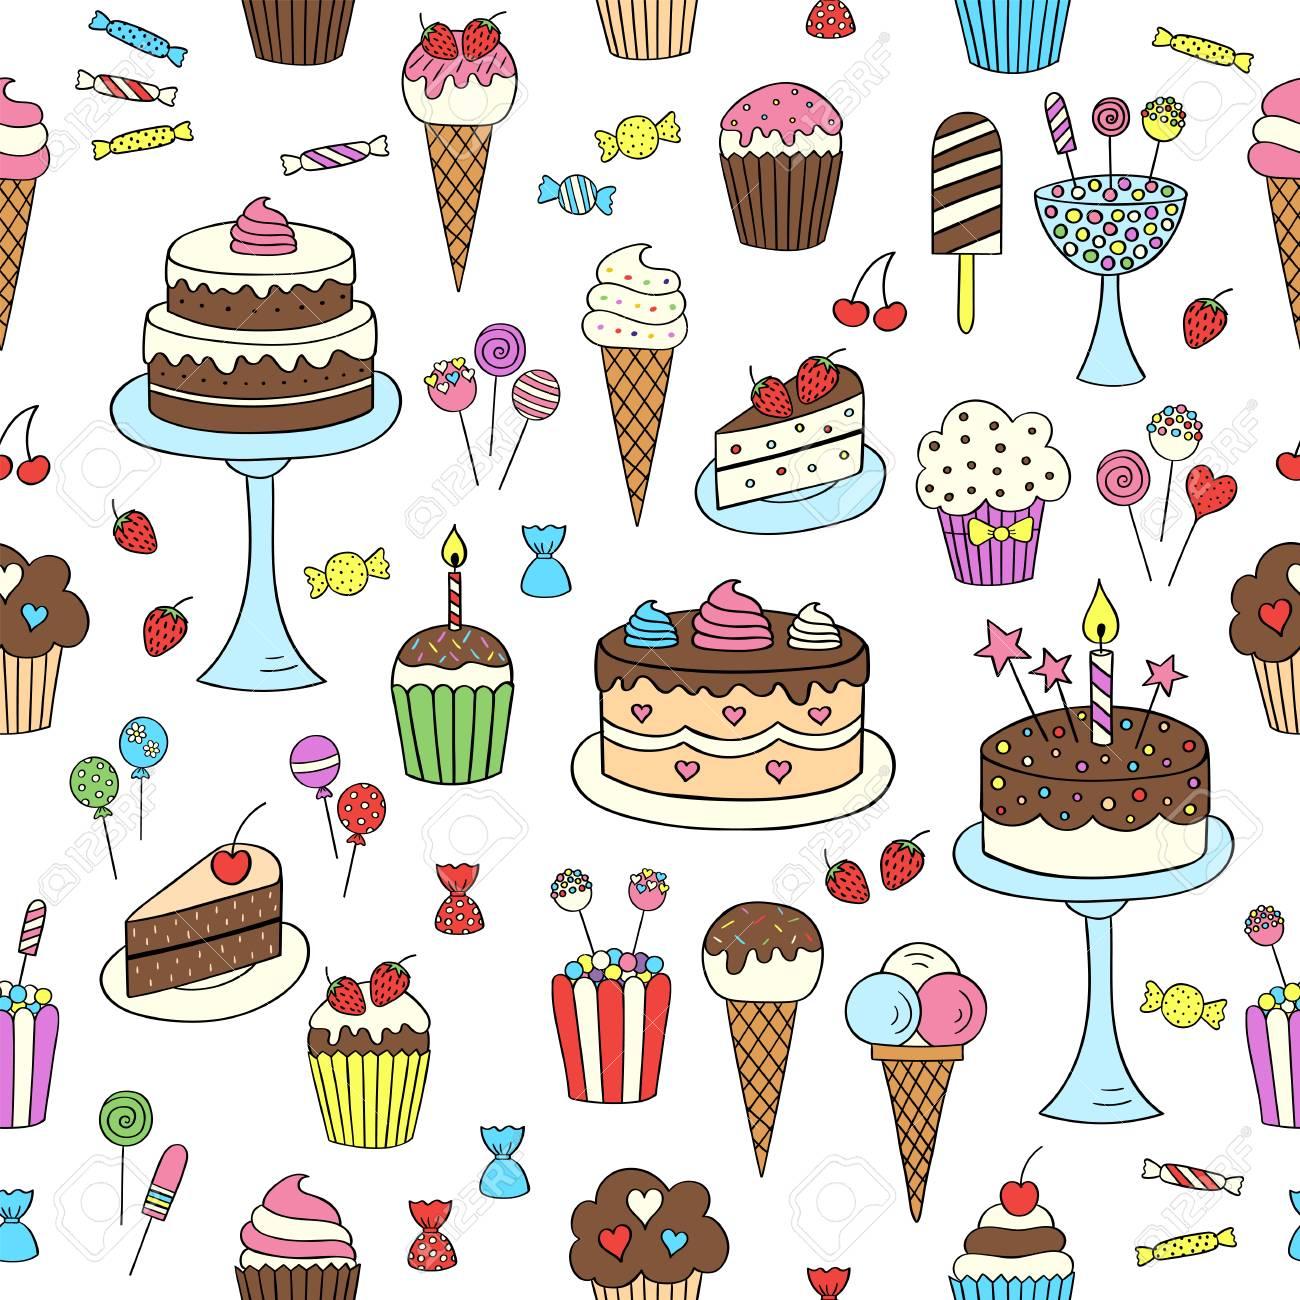 Dessin Avec La Main bonbons dessins à main dessins vecteur fond transparent. dessert  illustrations pâtisseries, gâteau d'anniversaire, petit gâteau, glaces,  bonbons,